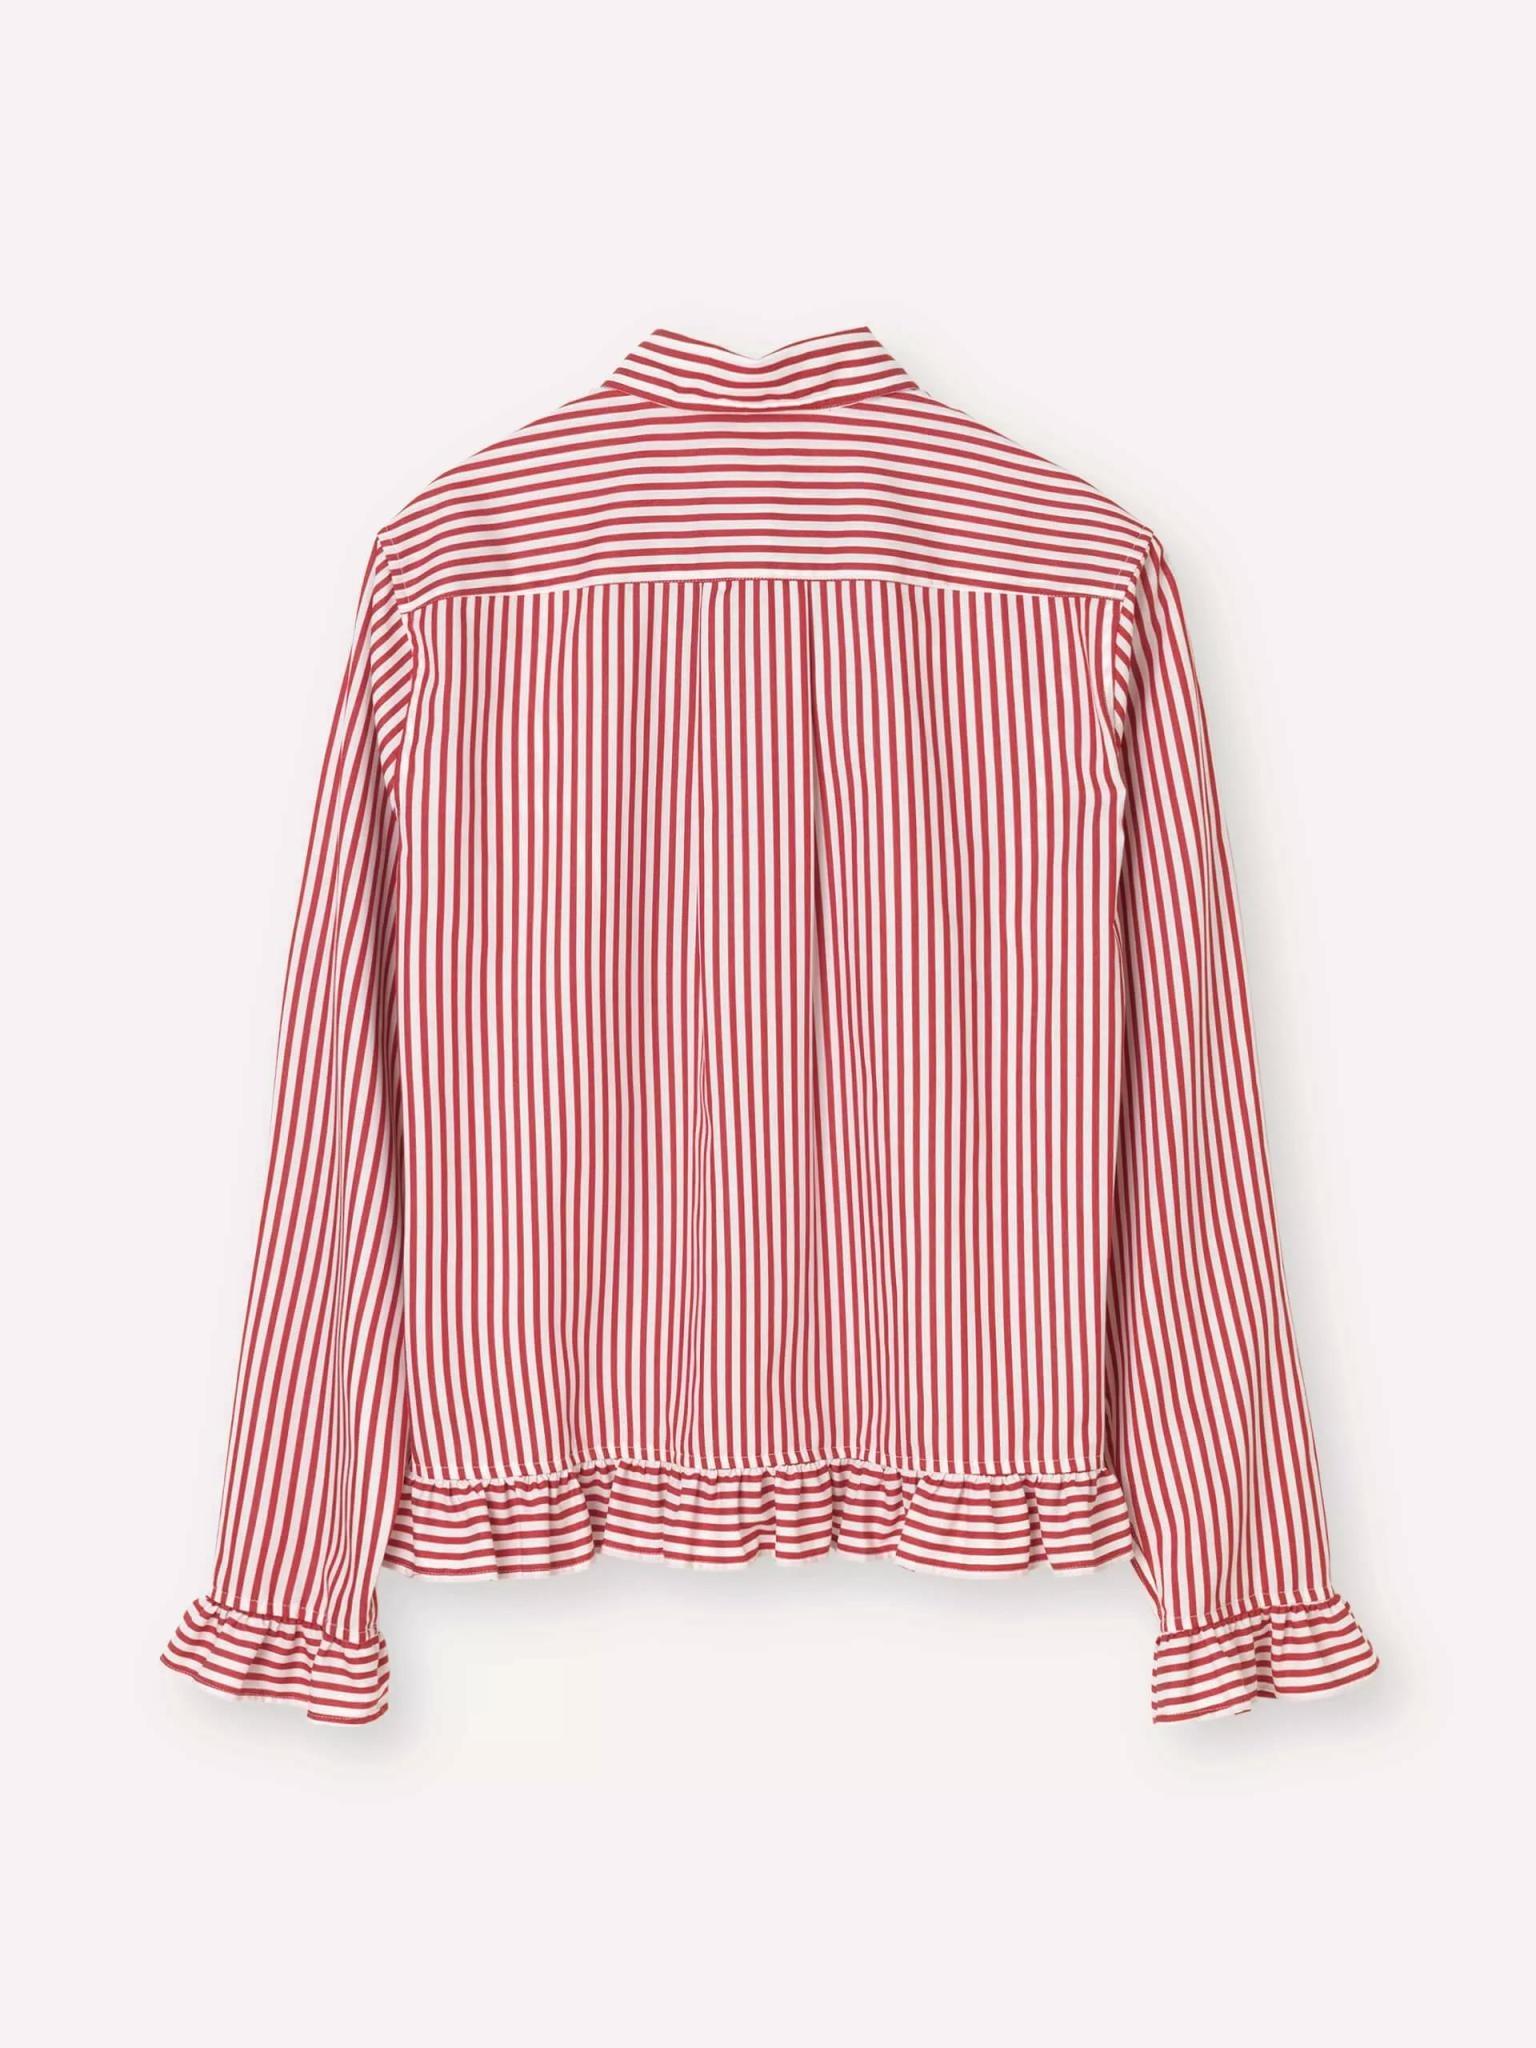 Present White Red Stripe Shirt-2